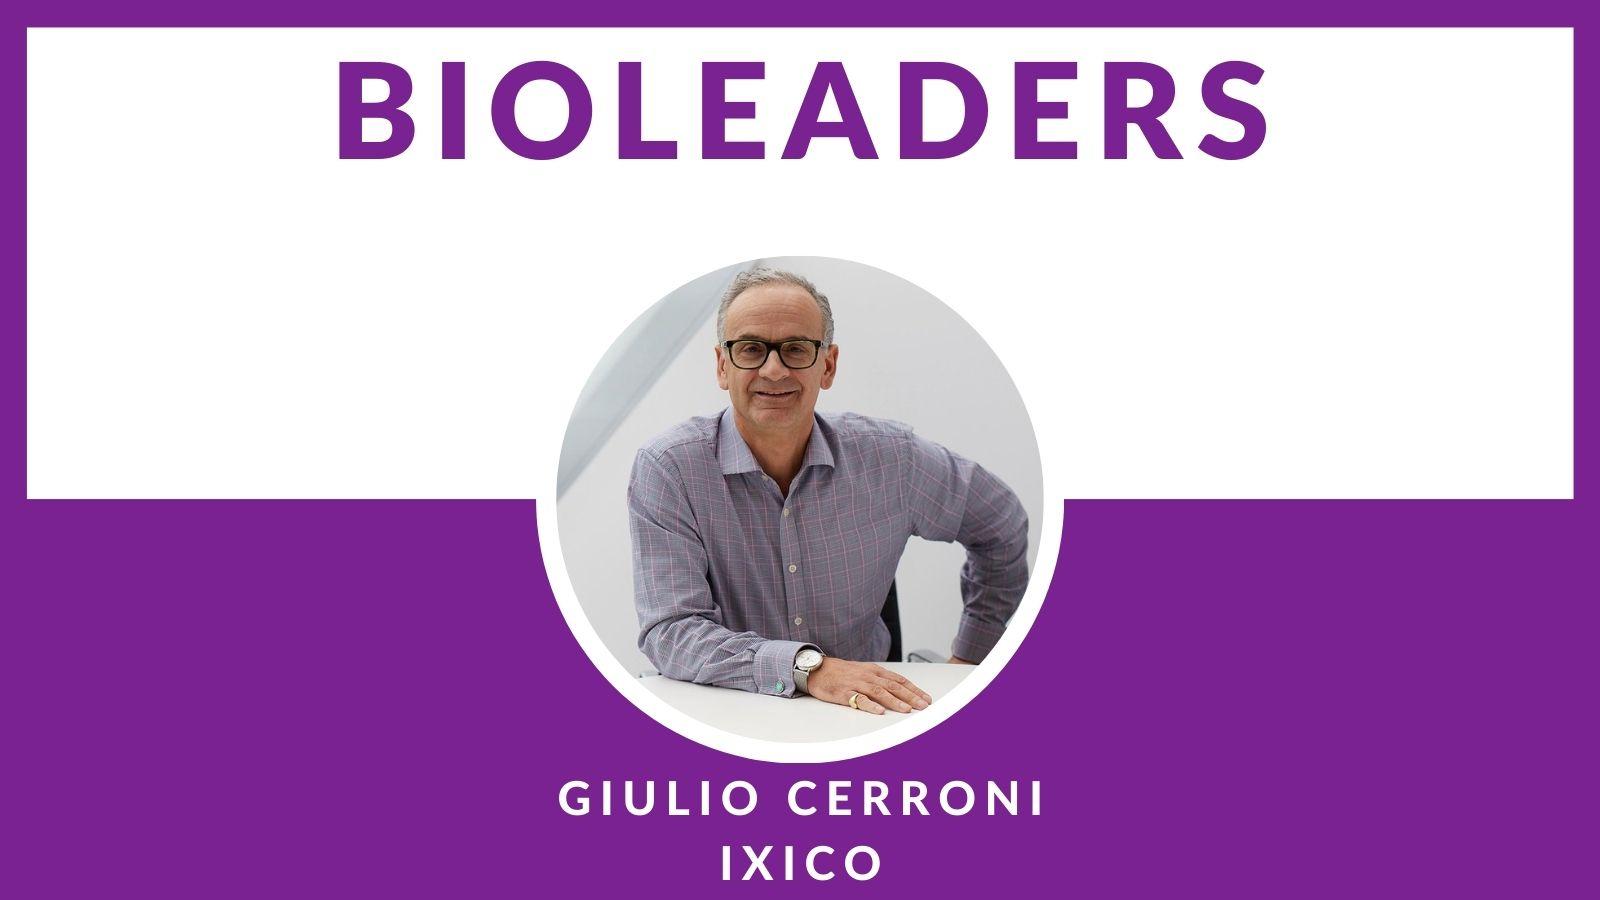 BioLeader Interviewee Giulio Cerroni